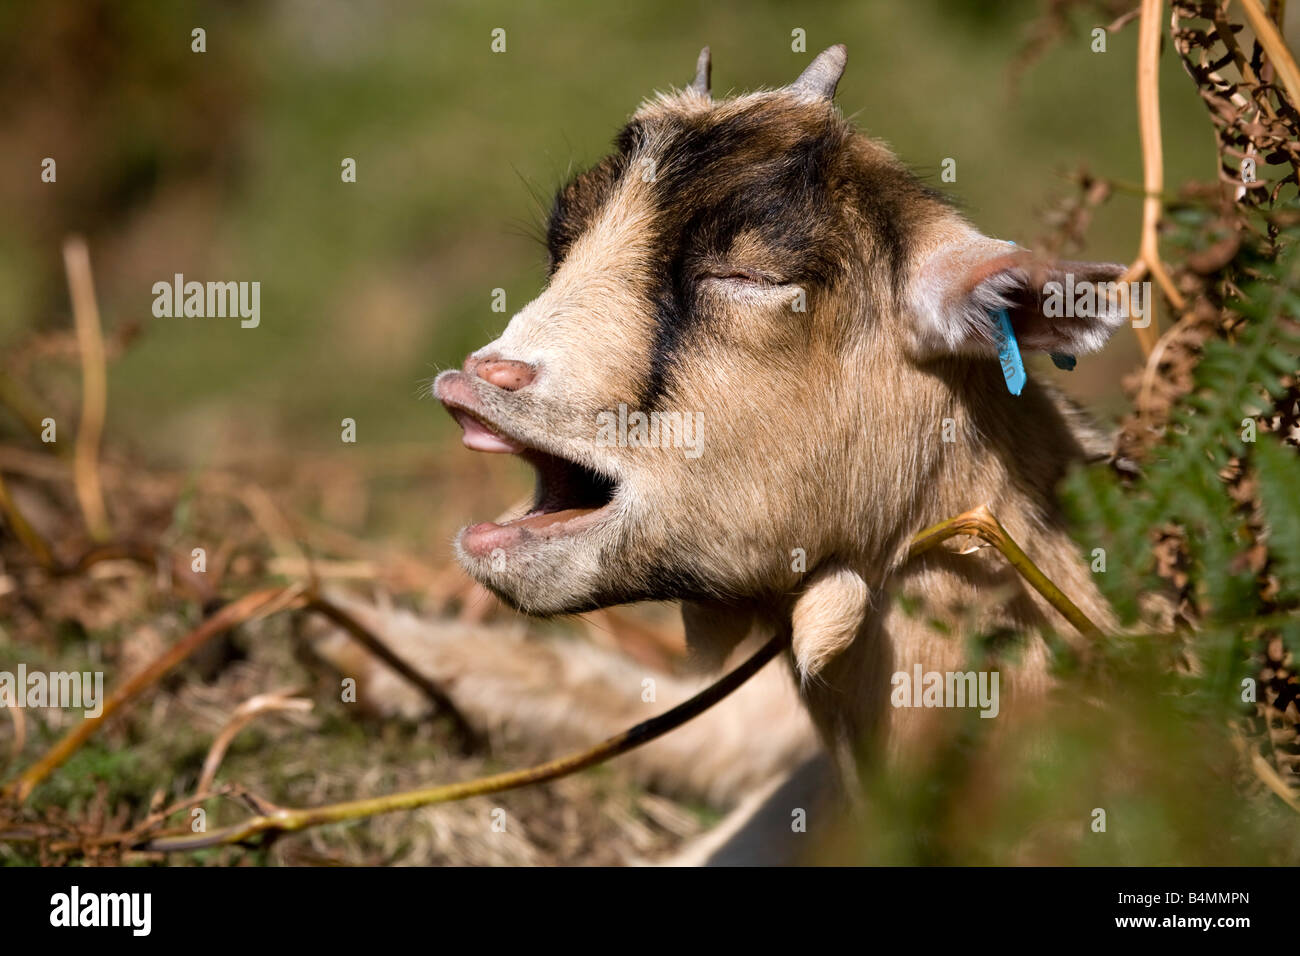 pygmy goat calling - Stock Image